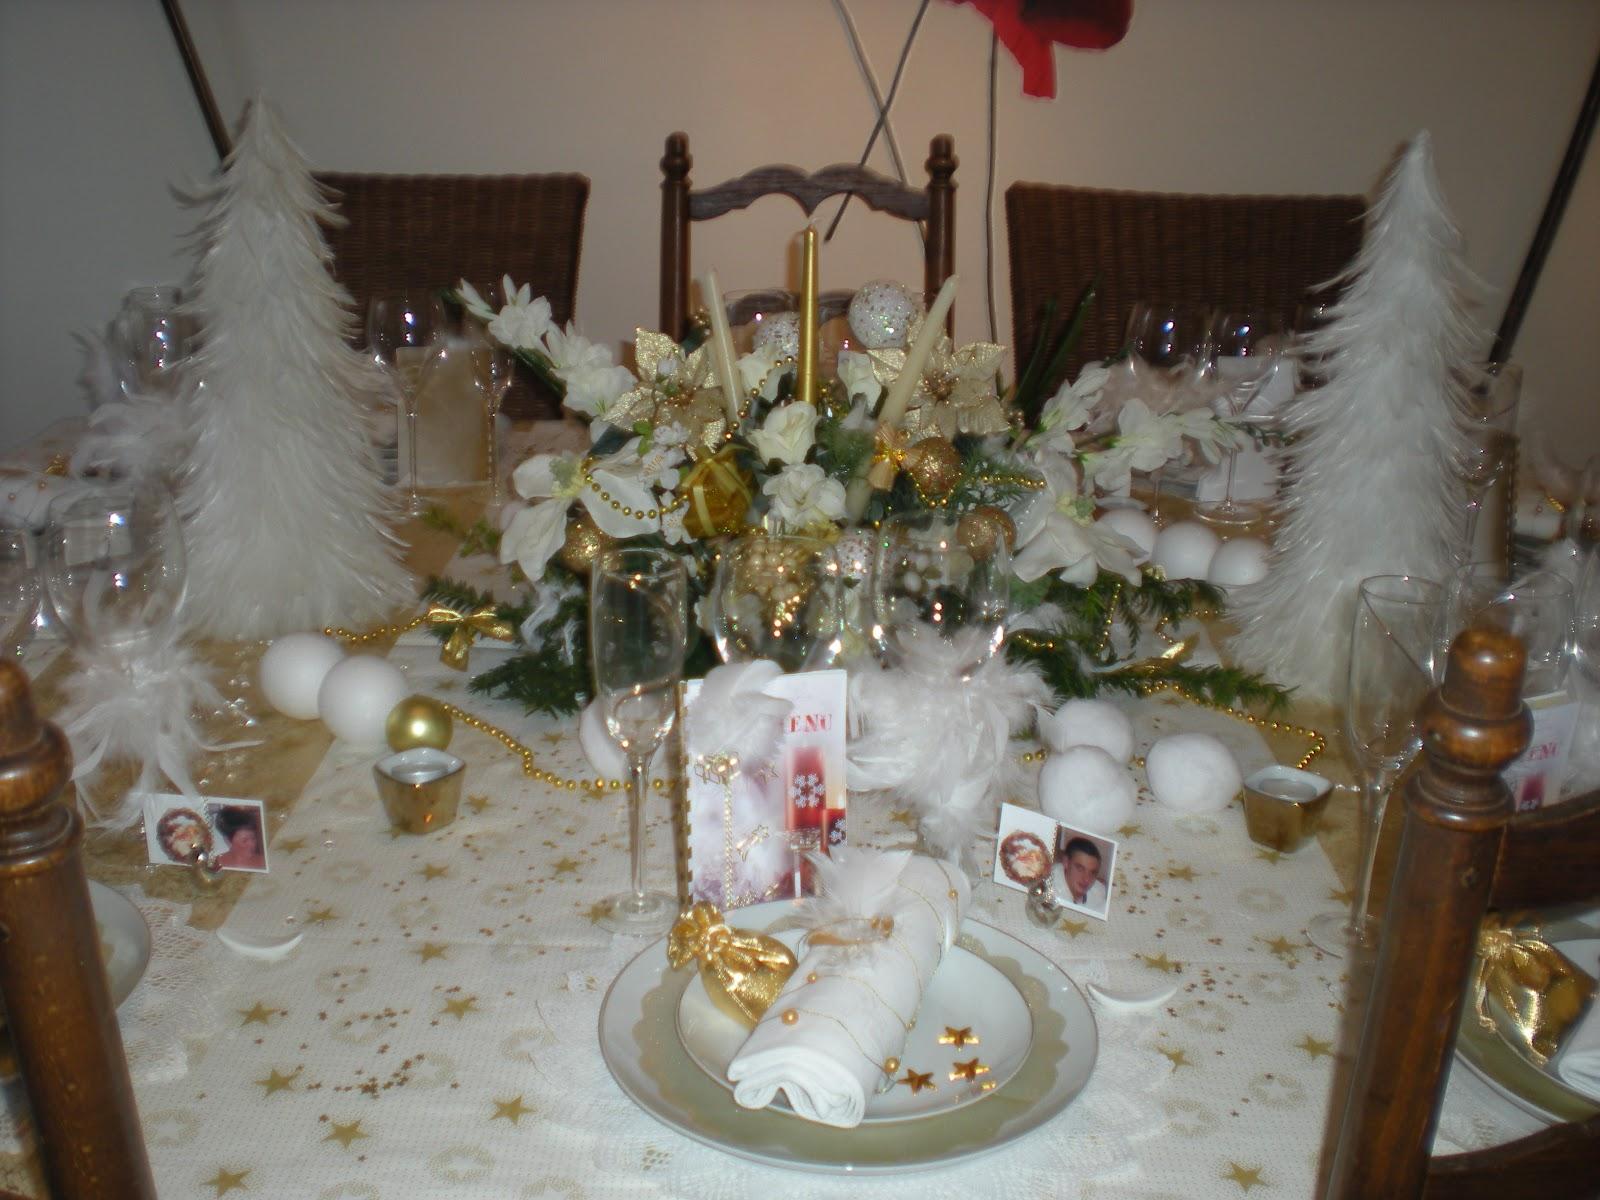 #382C1F Déco De Noël En Or Et Blanc . Déco De Table à Thèmes 6059 decoration de noel table blanc 1600x1200 px @ aertt.com